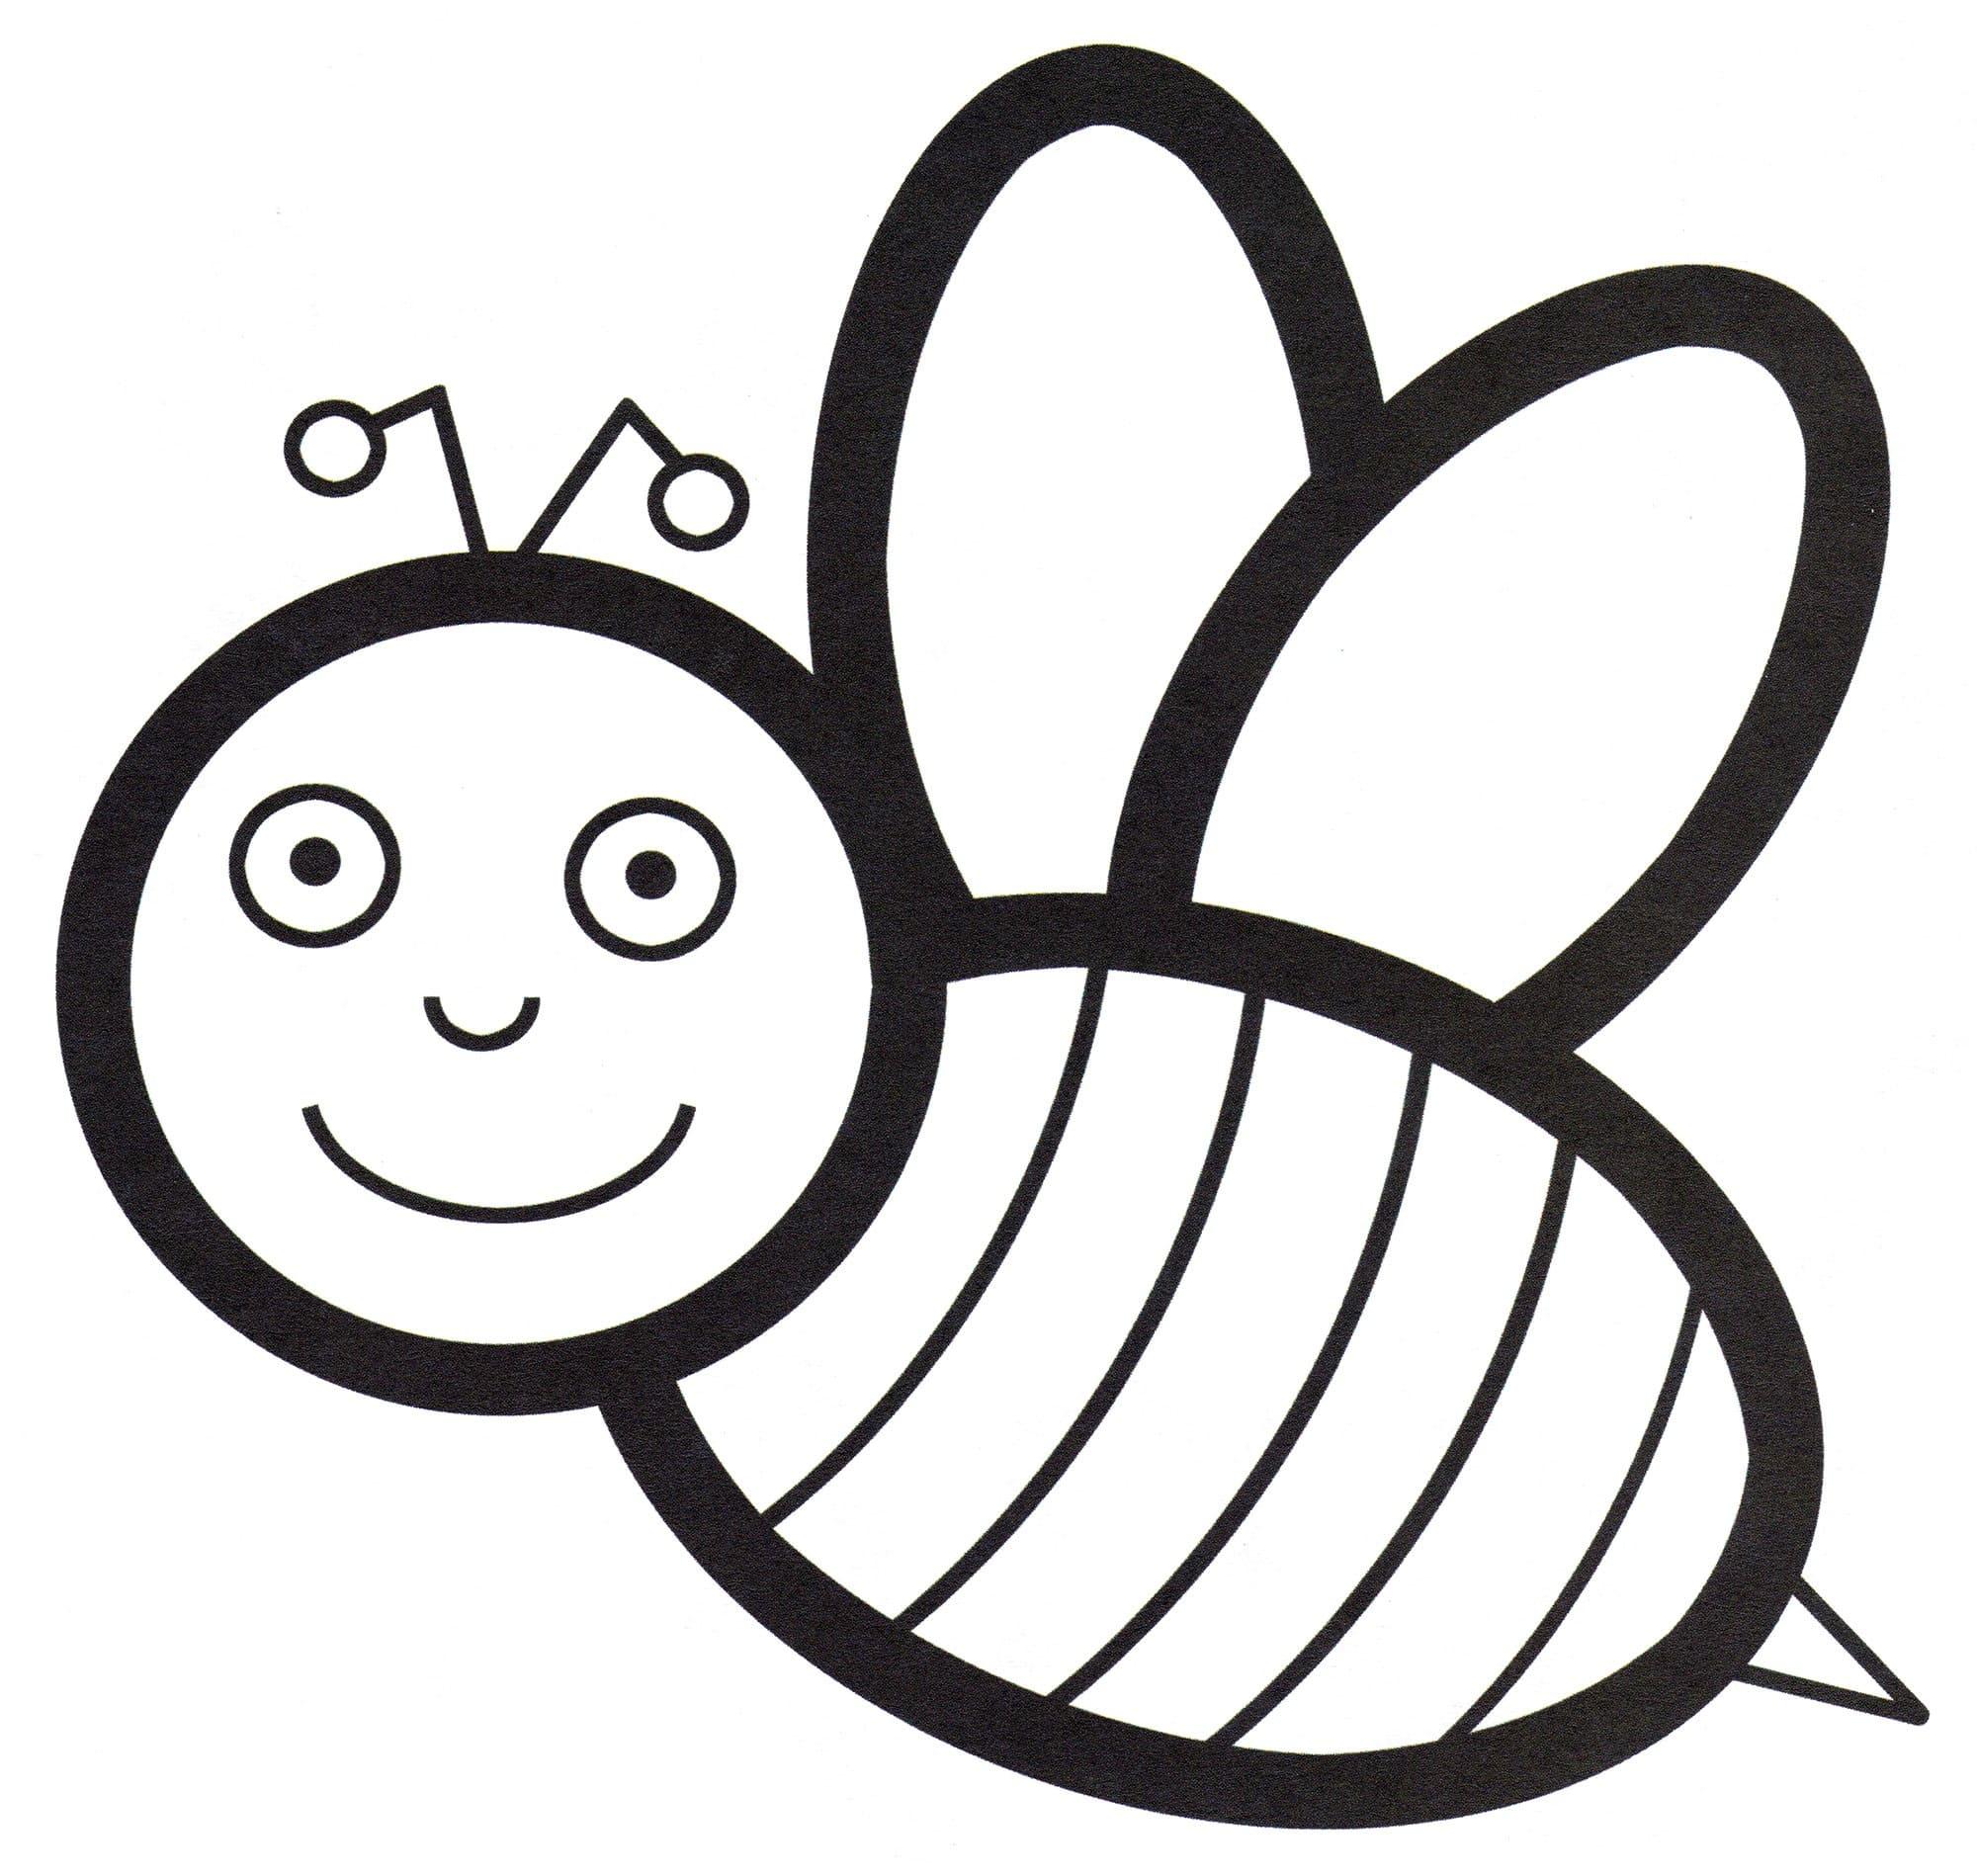 Ausmalbilder Bienen  5 Malvorlagen Kostenlos zum Ausdrucken